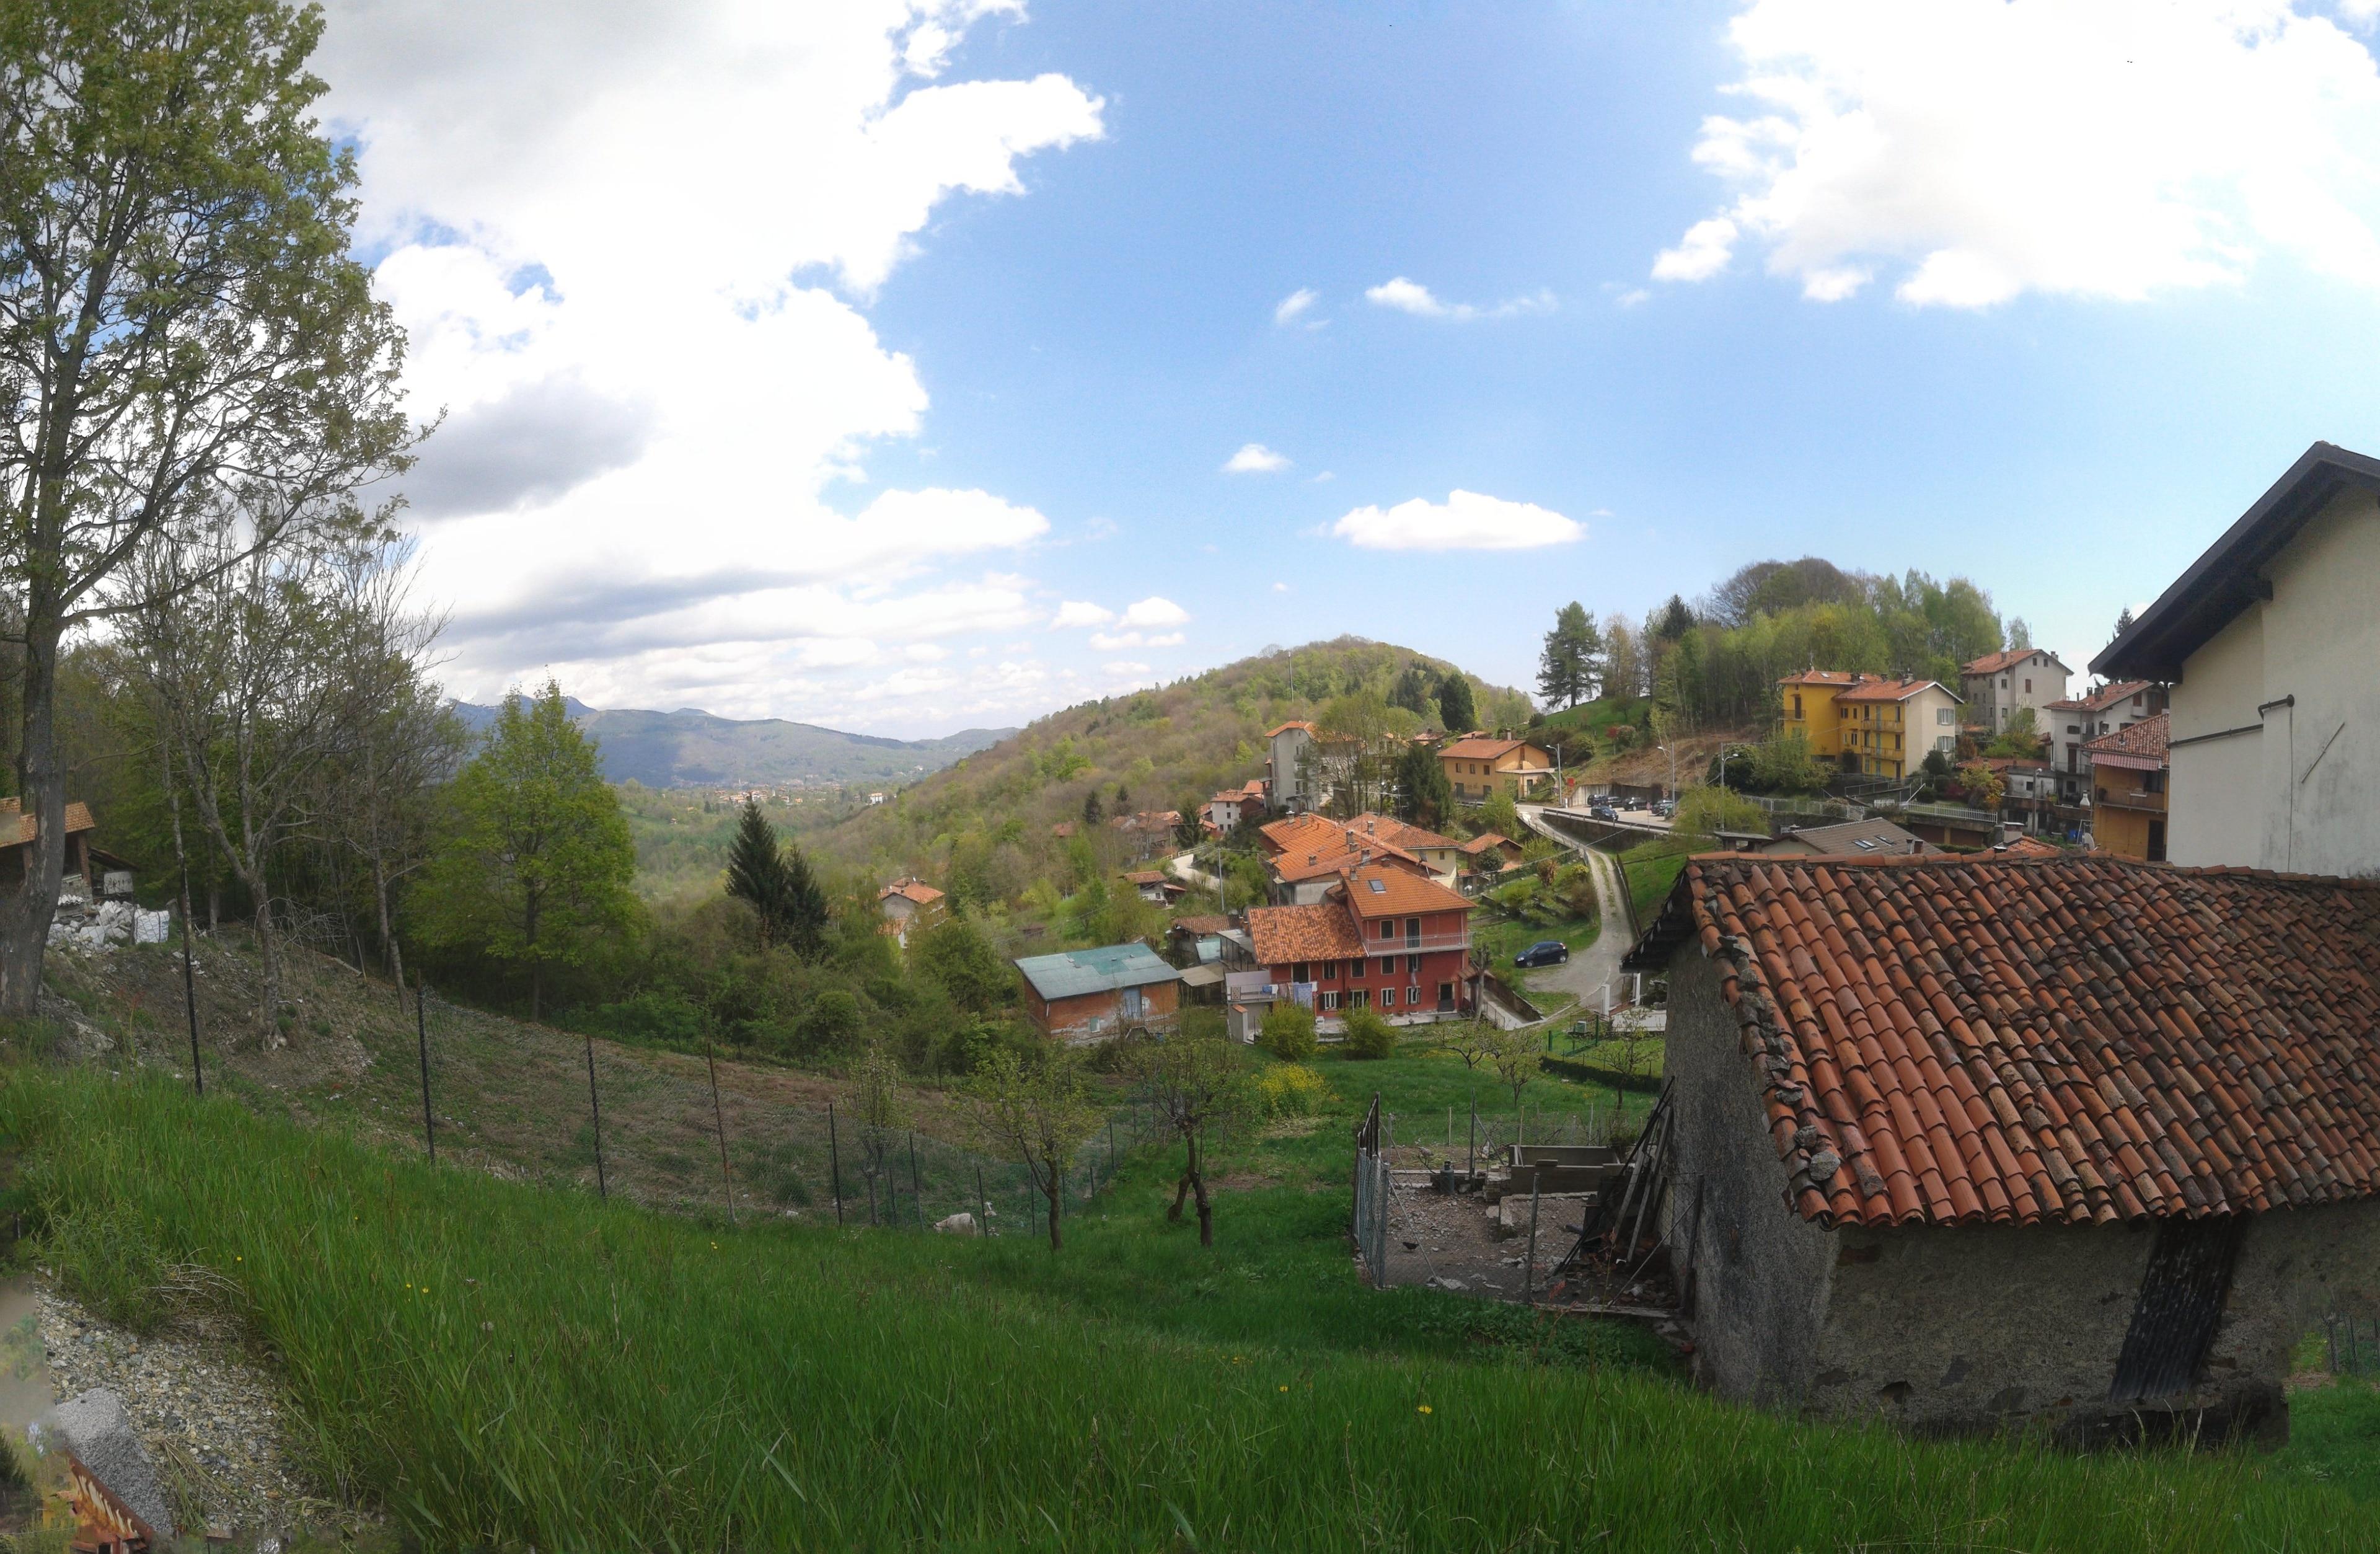 Favaro, Biella, Piedmont, Italy